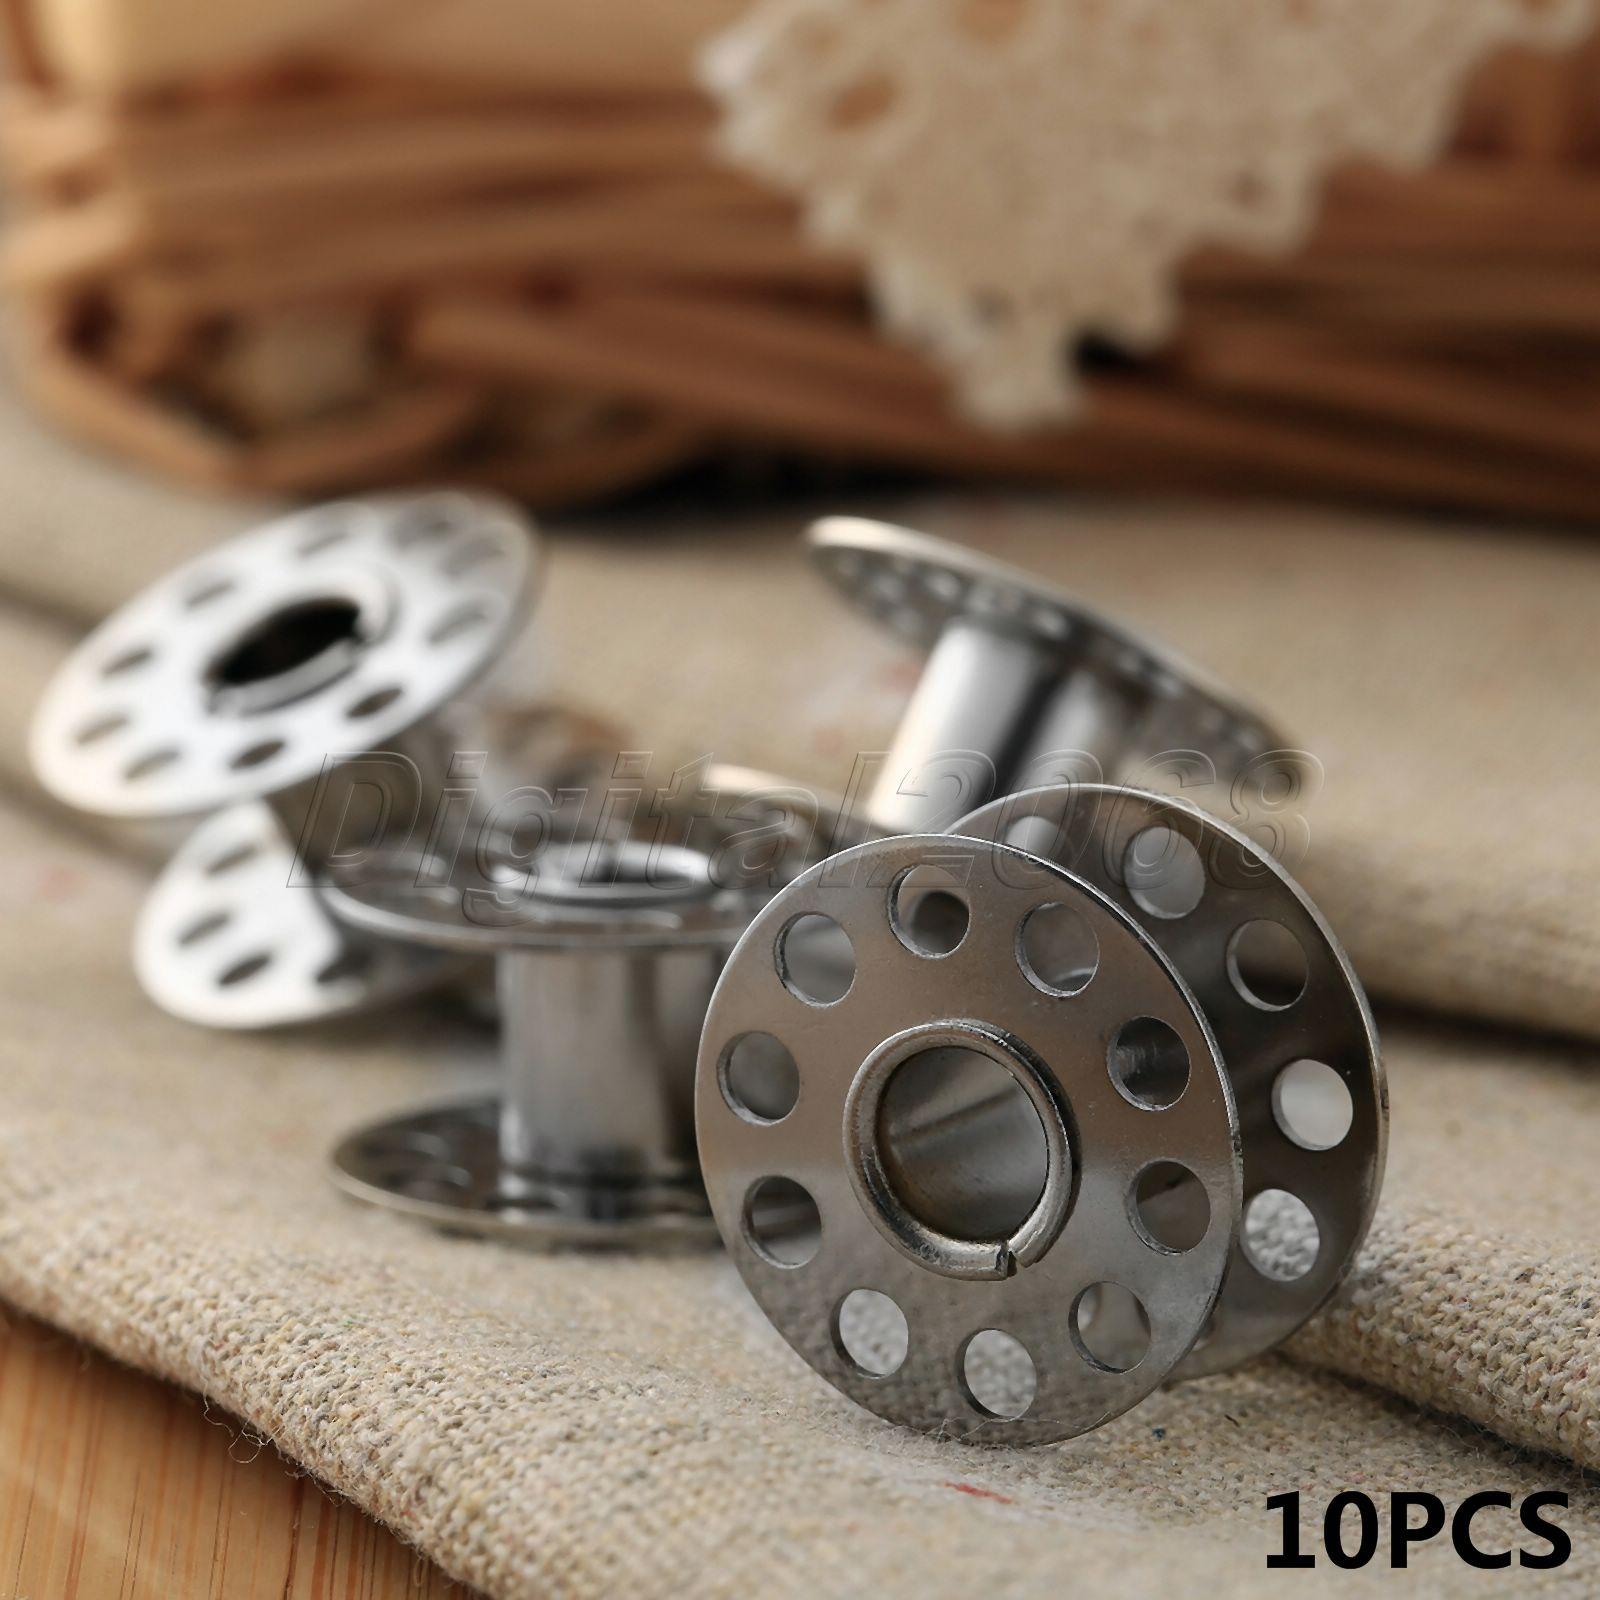 10 Uds bobinas para máquina de coser carrete para Brother Janome máquina Singer Elna Bernina Metal inoxidable Toyota Craft herramientas al por mayor